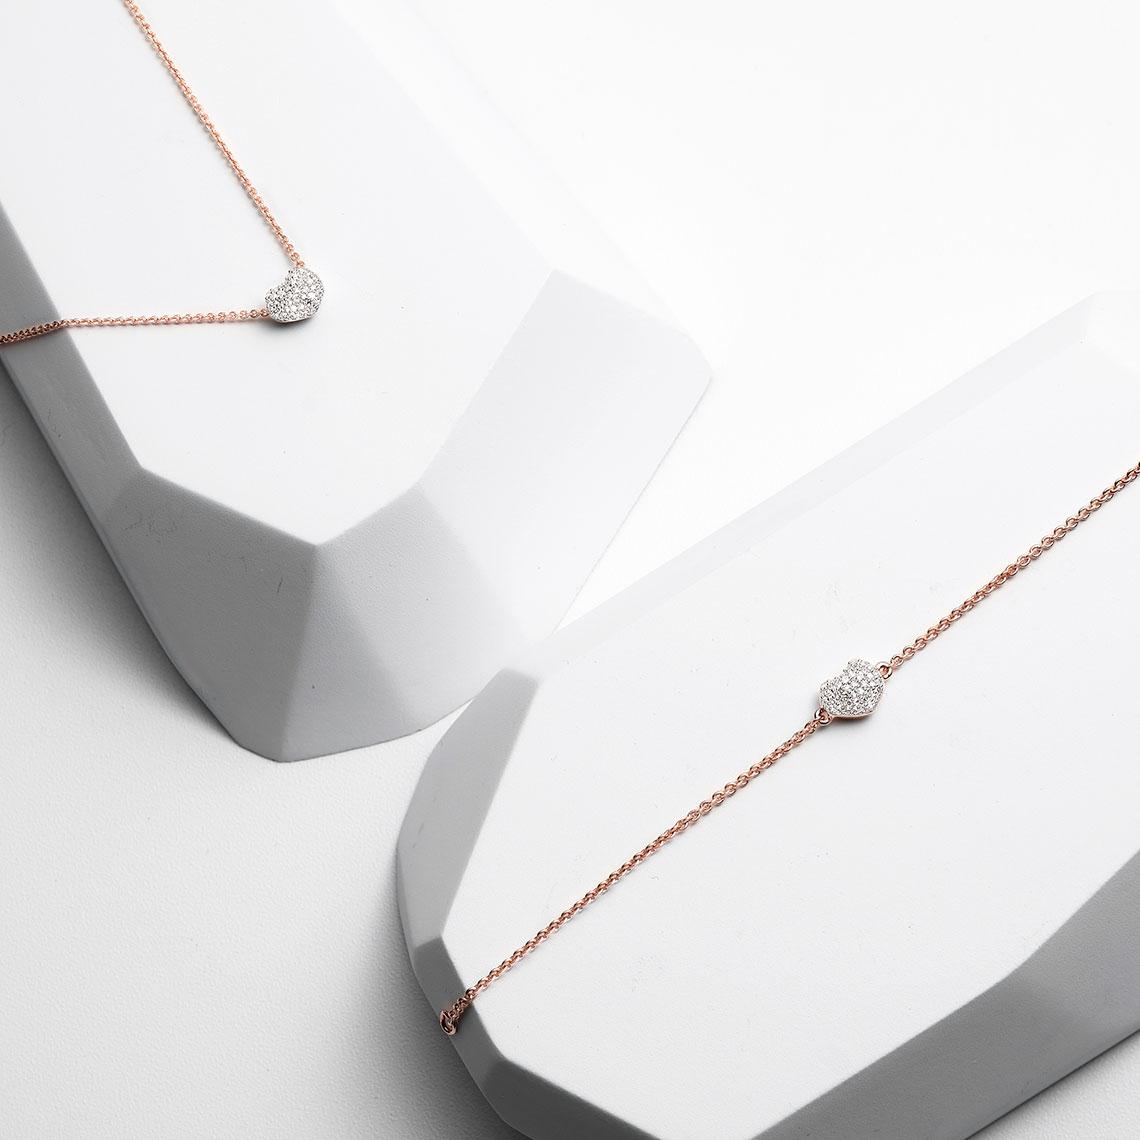 Nura-Necklace-Monica-Vinader